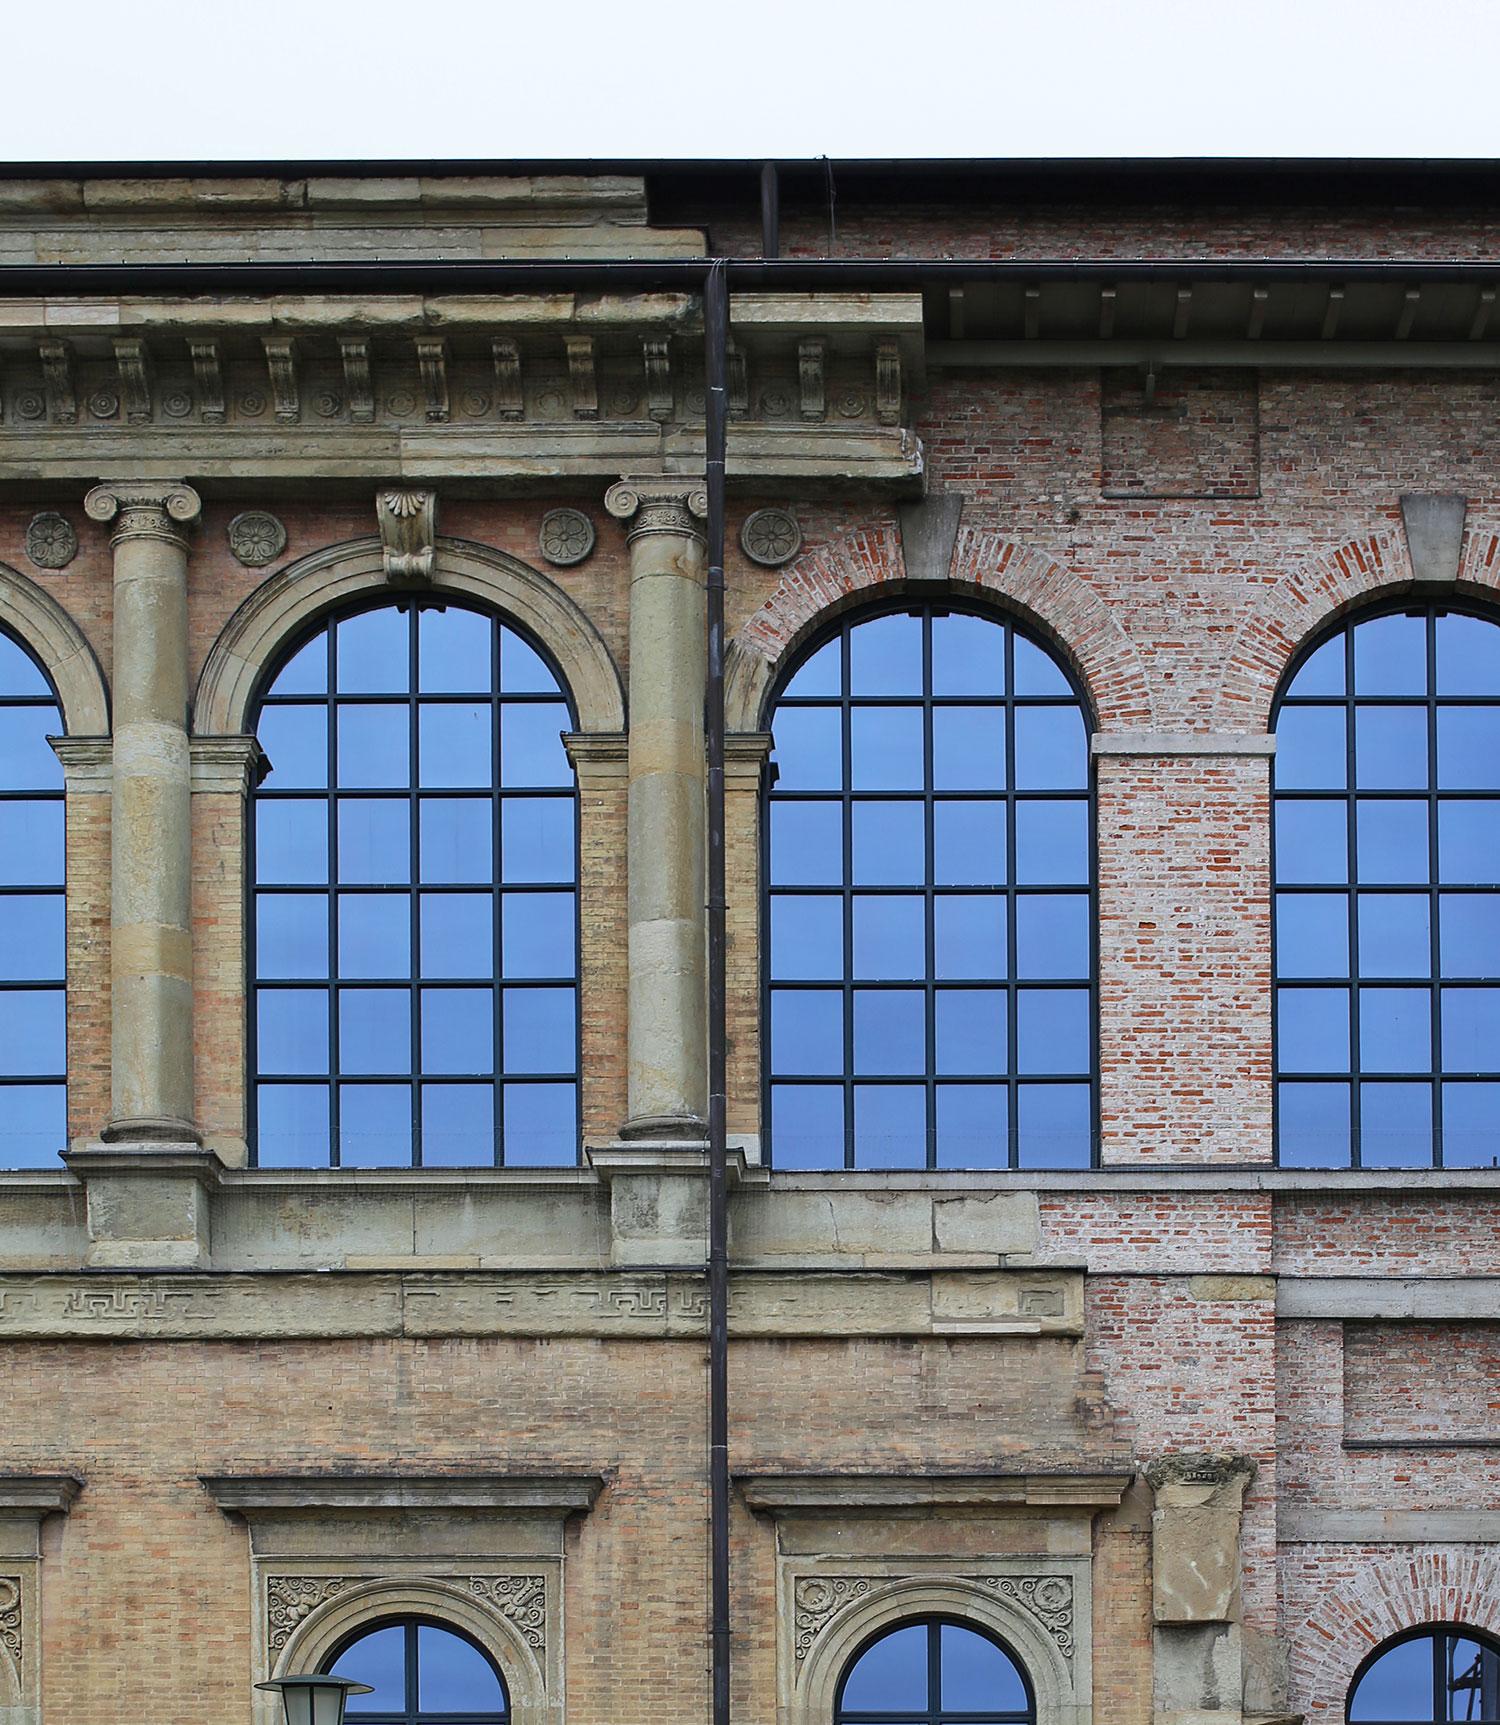 Hans-Dollgast-Alte-Pinakothek-Munich-Bizley-Somerset-Architect-1.jpg